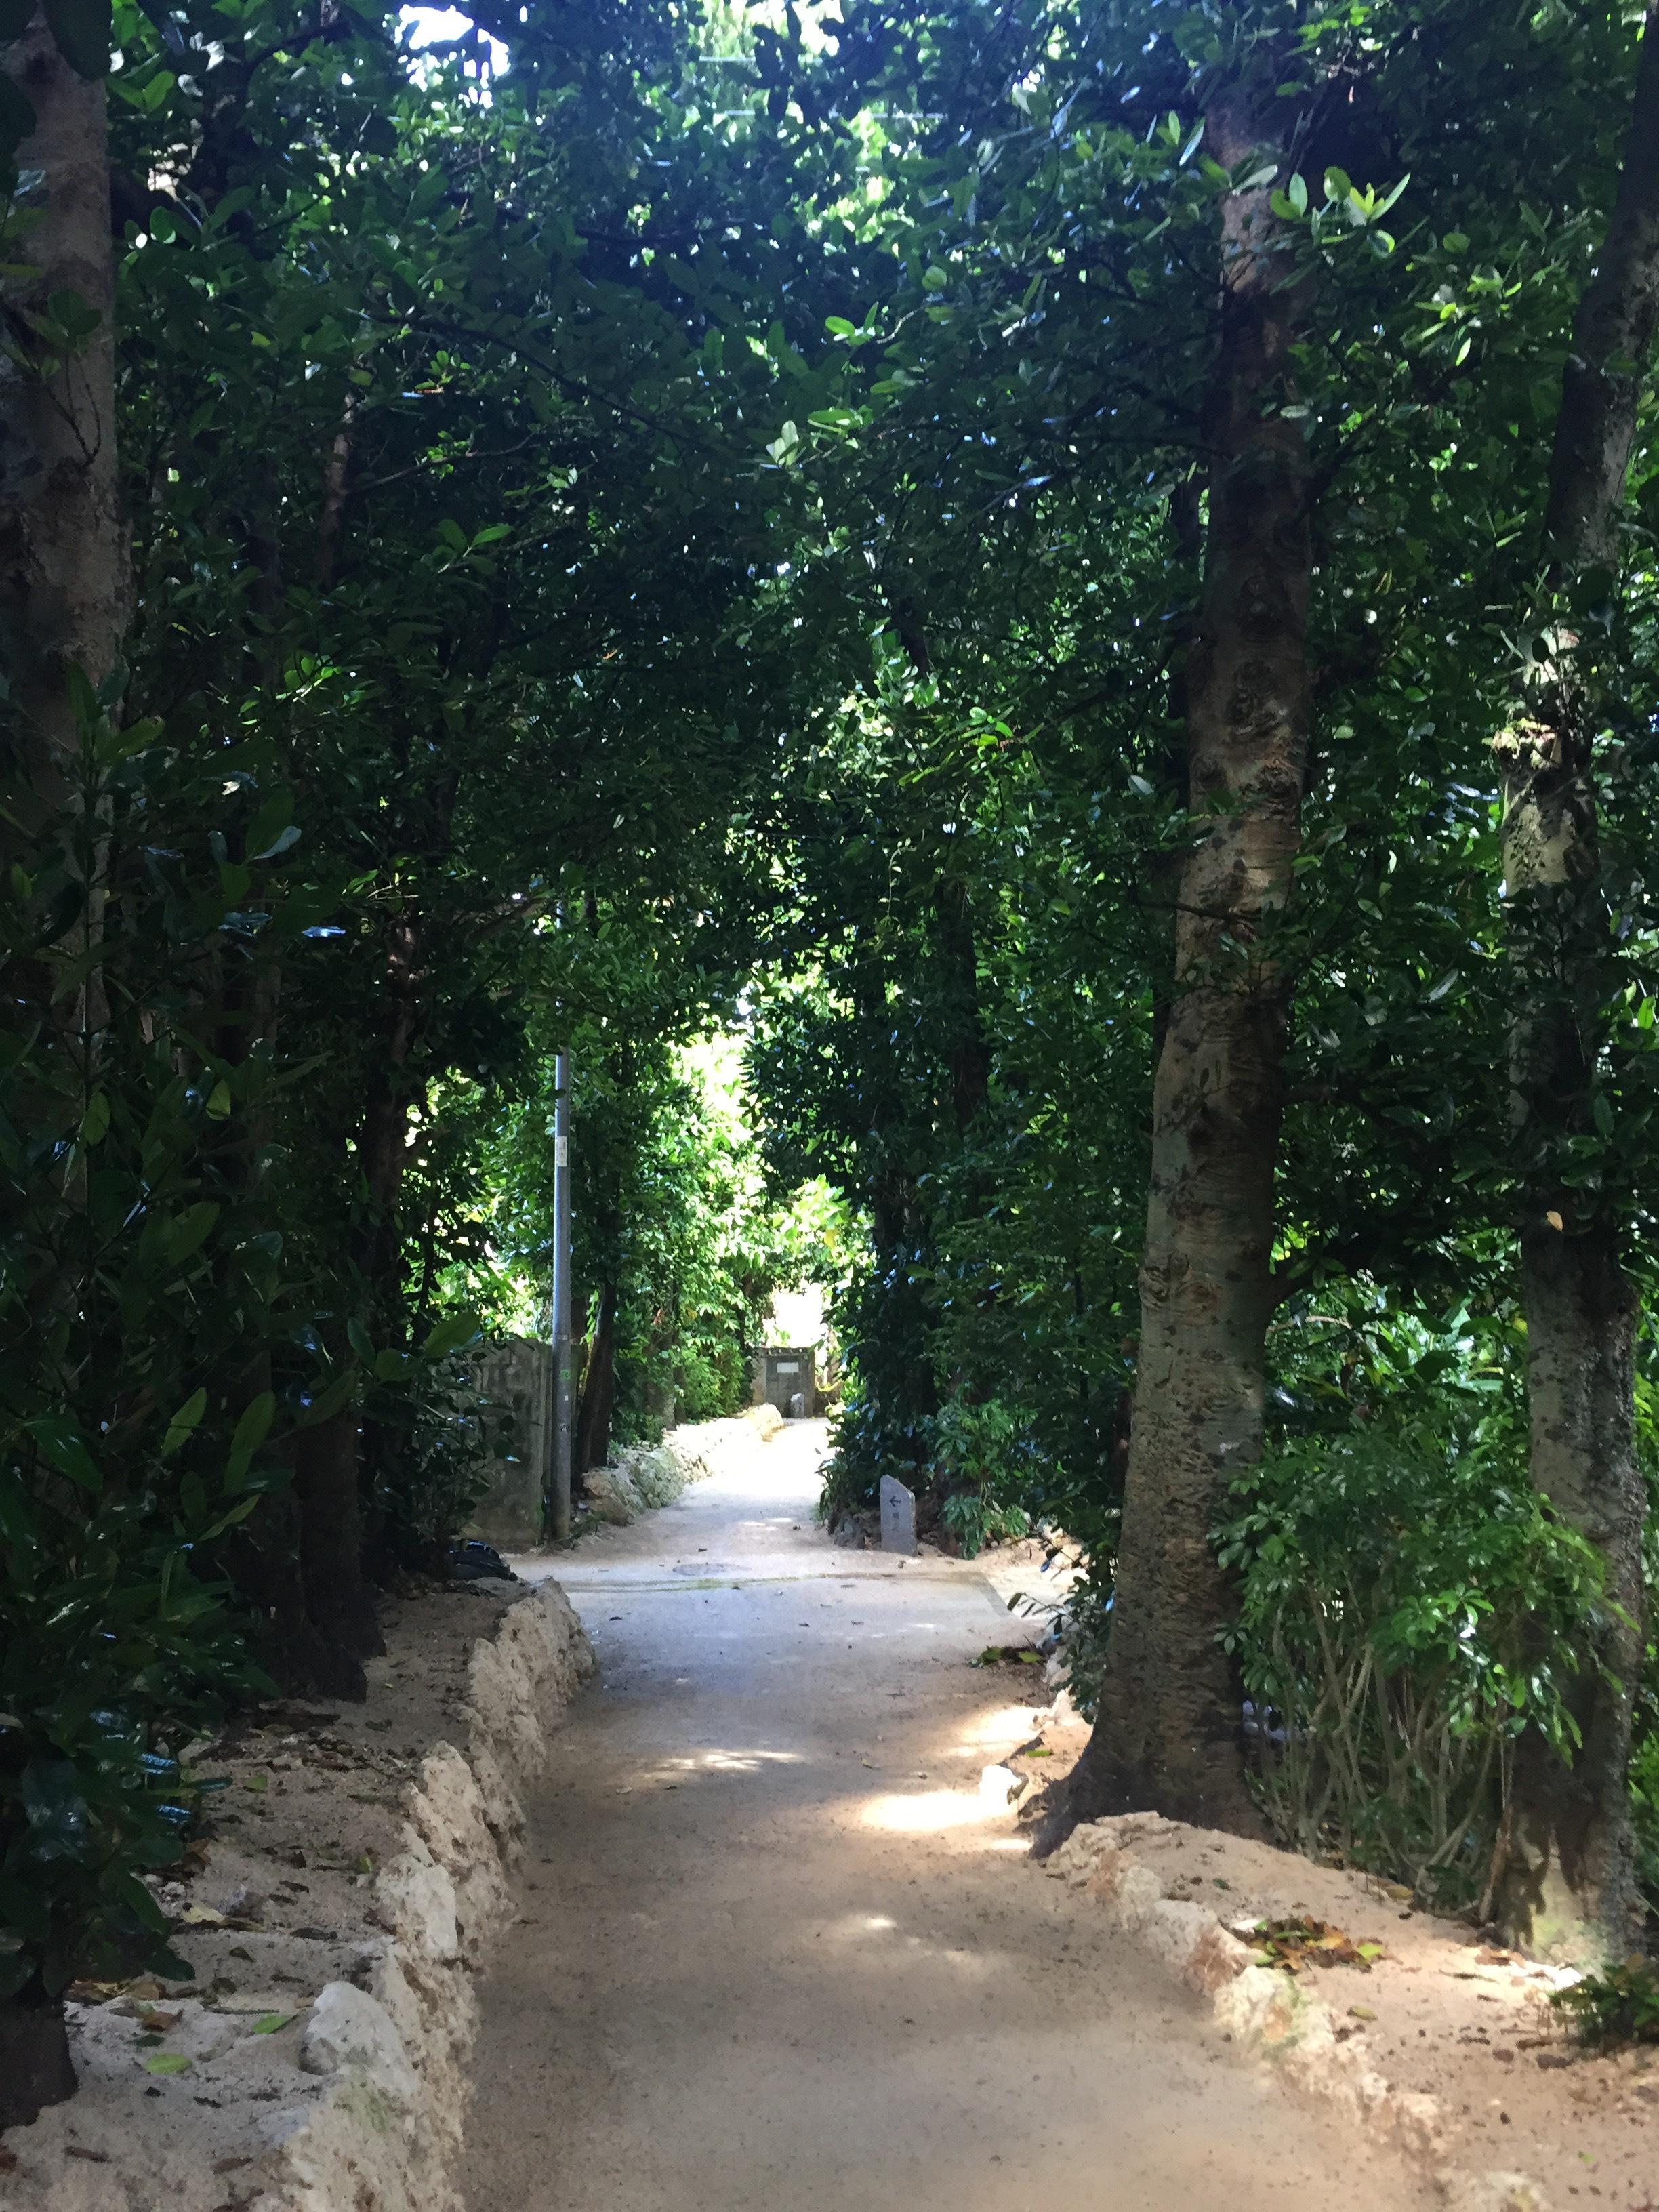 (日本語) 沖縄観光スポット① 備瀬のフクギ並木